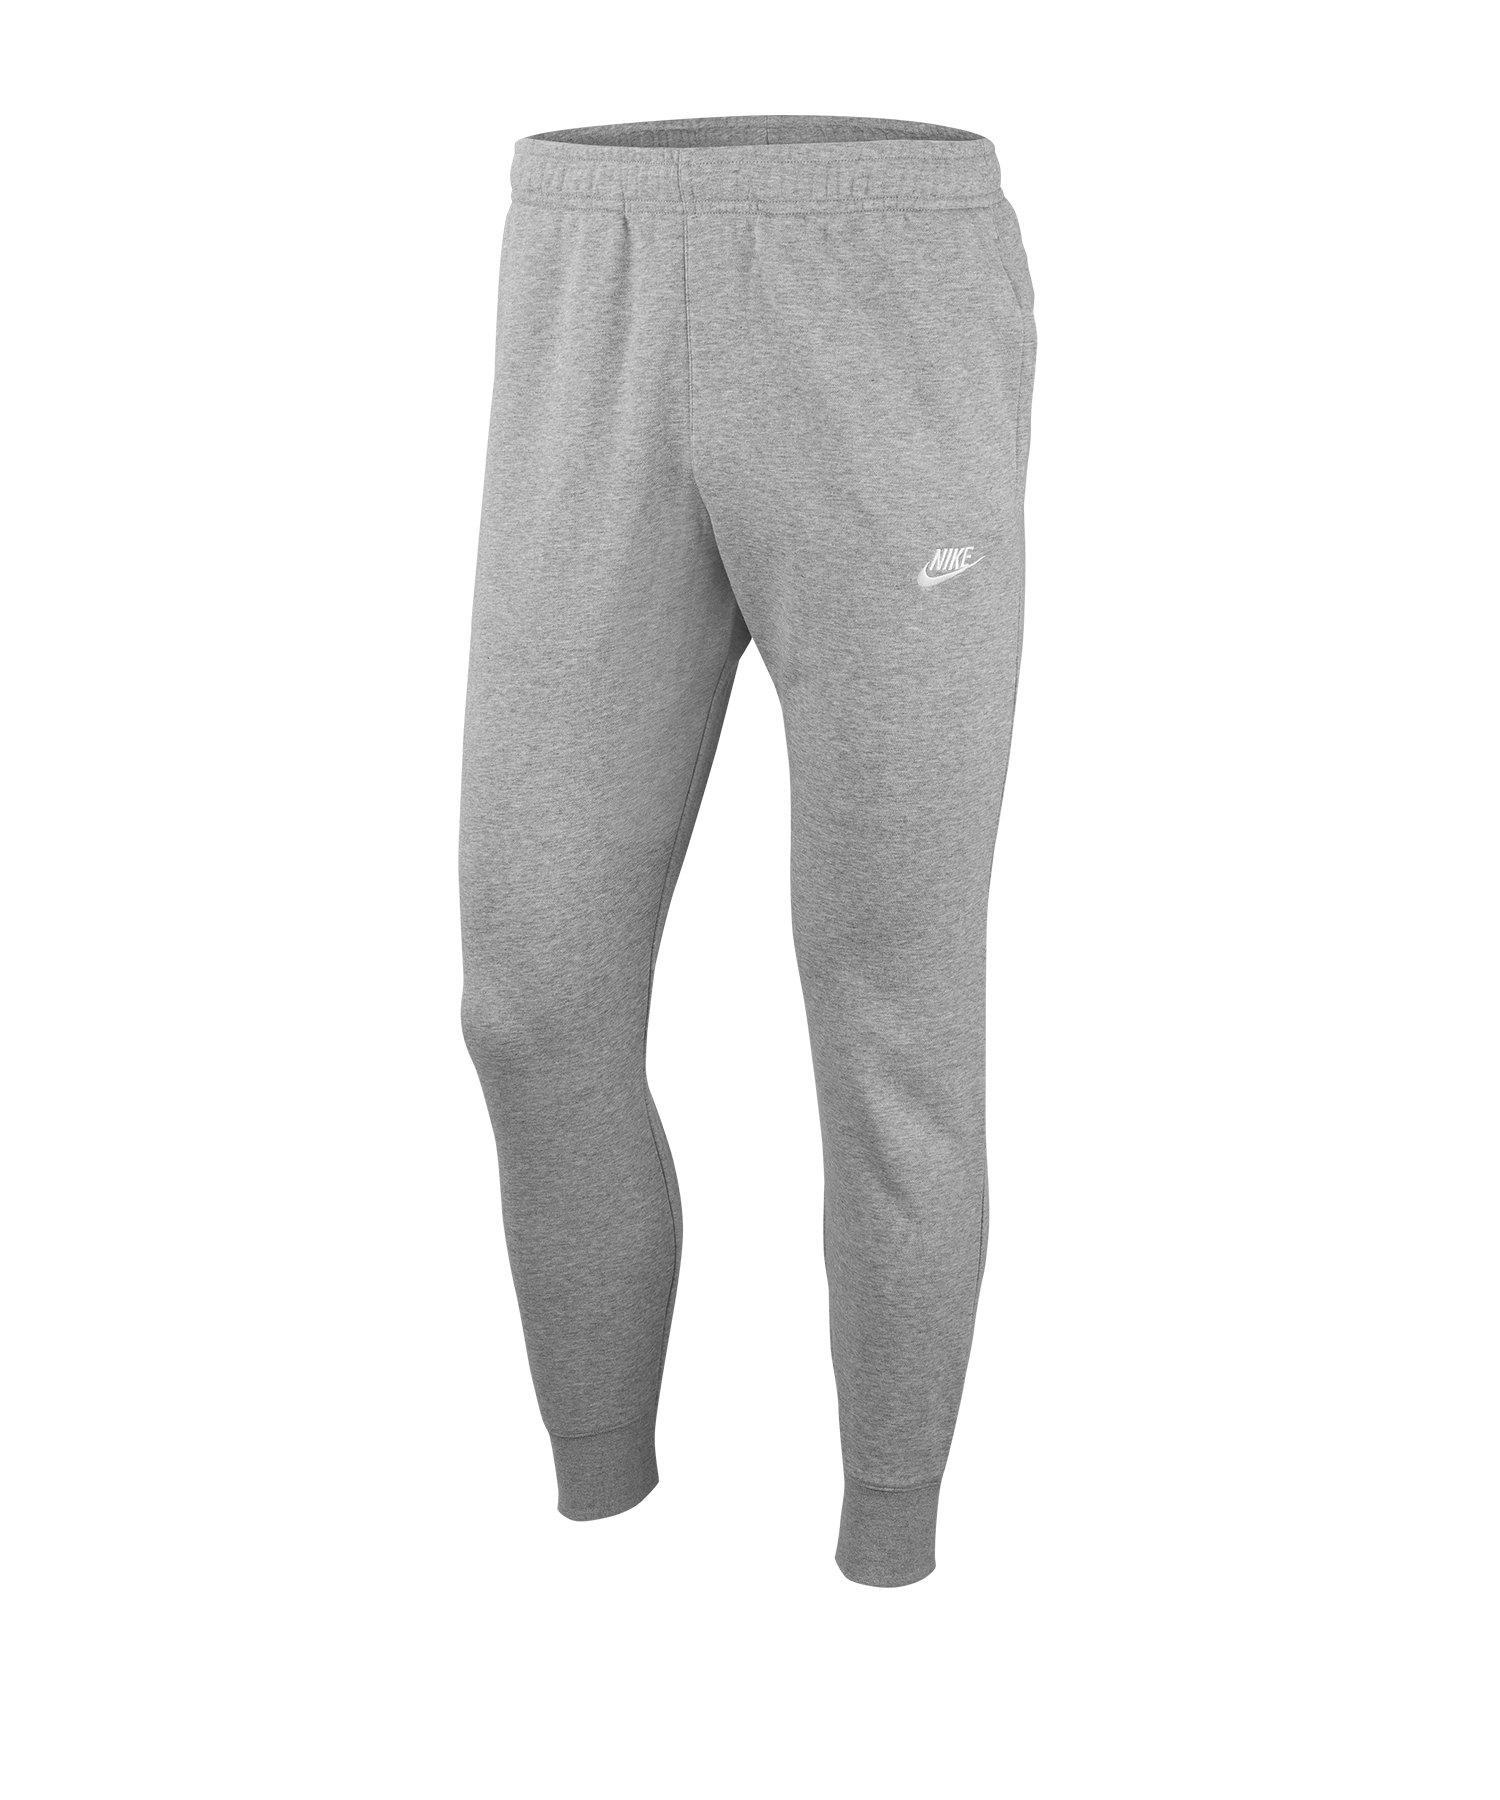 Nike Club Jogginghose Grau F063 - grau